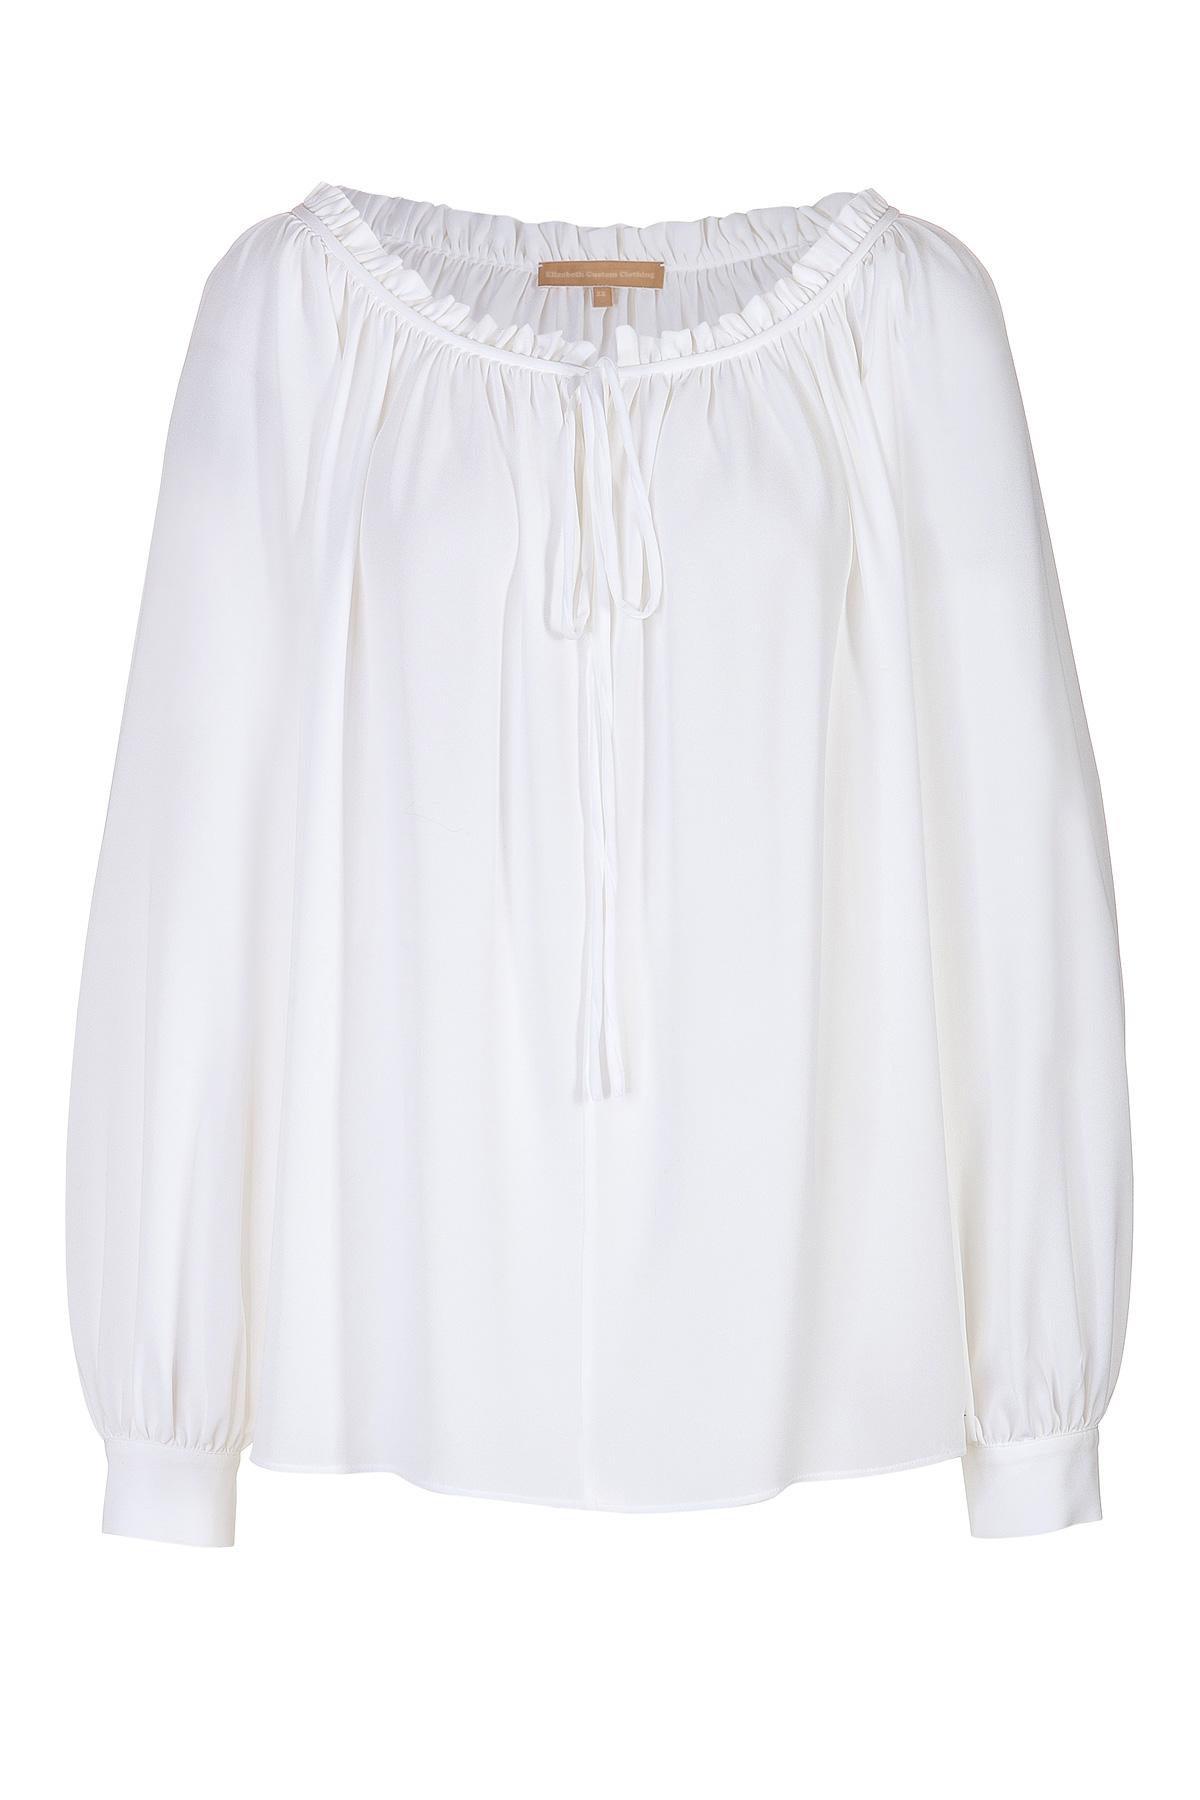 White Cotton Peasant Blouse